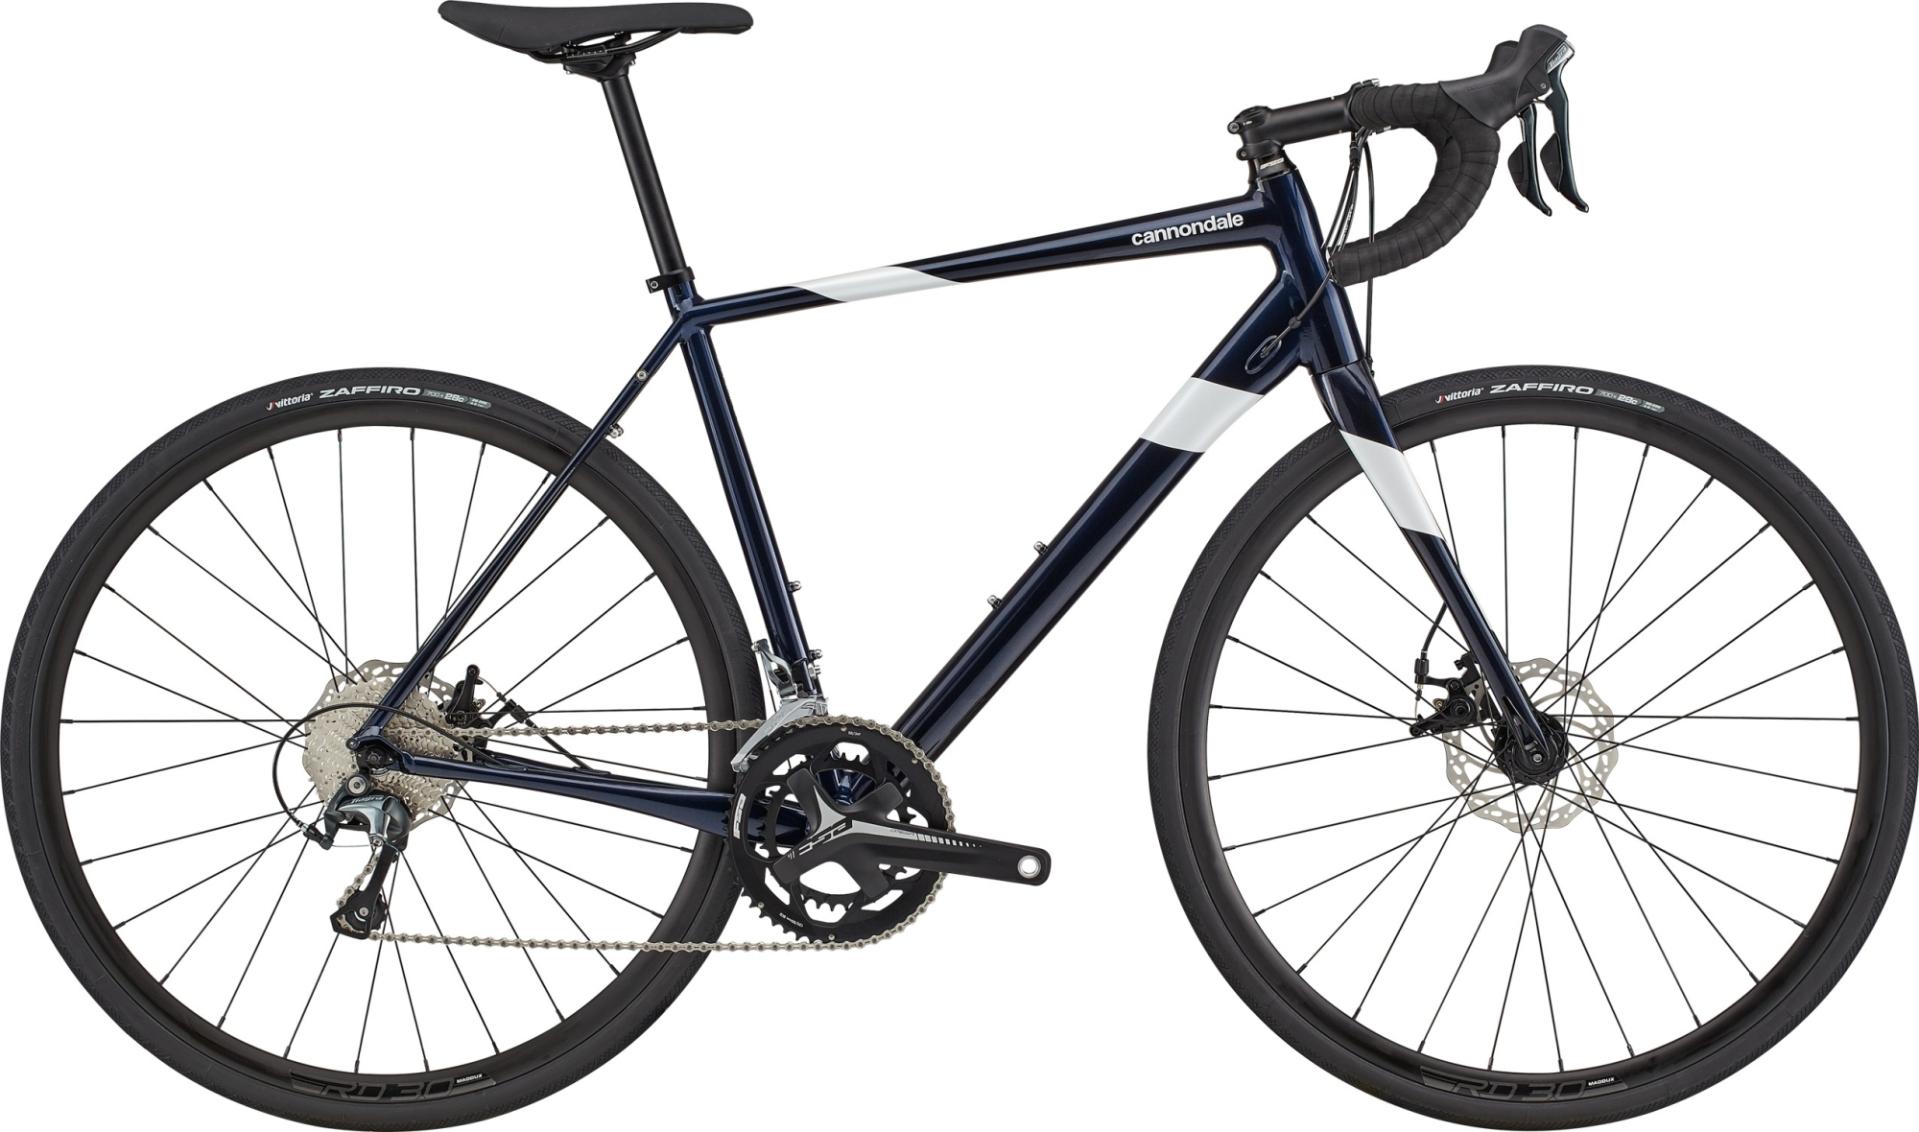 Cannondale Synapse Tiagra országúti kerékpár - sötétkék - 54 cm (2020)